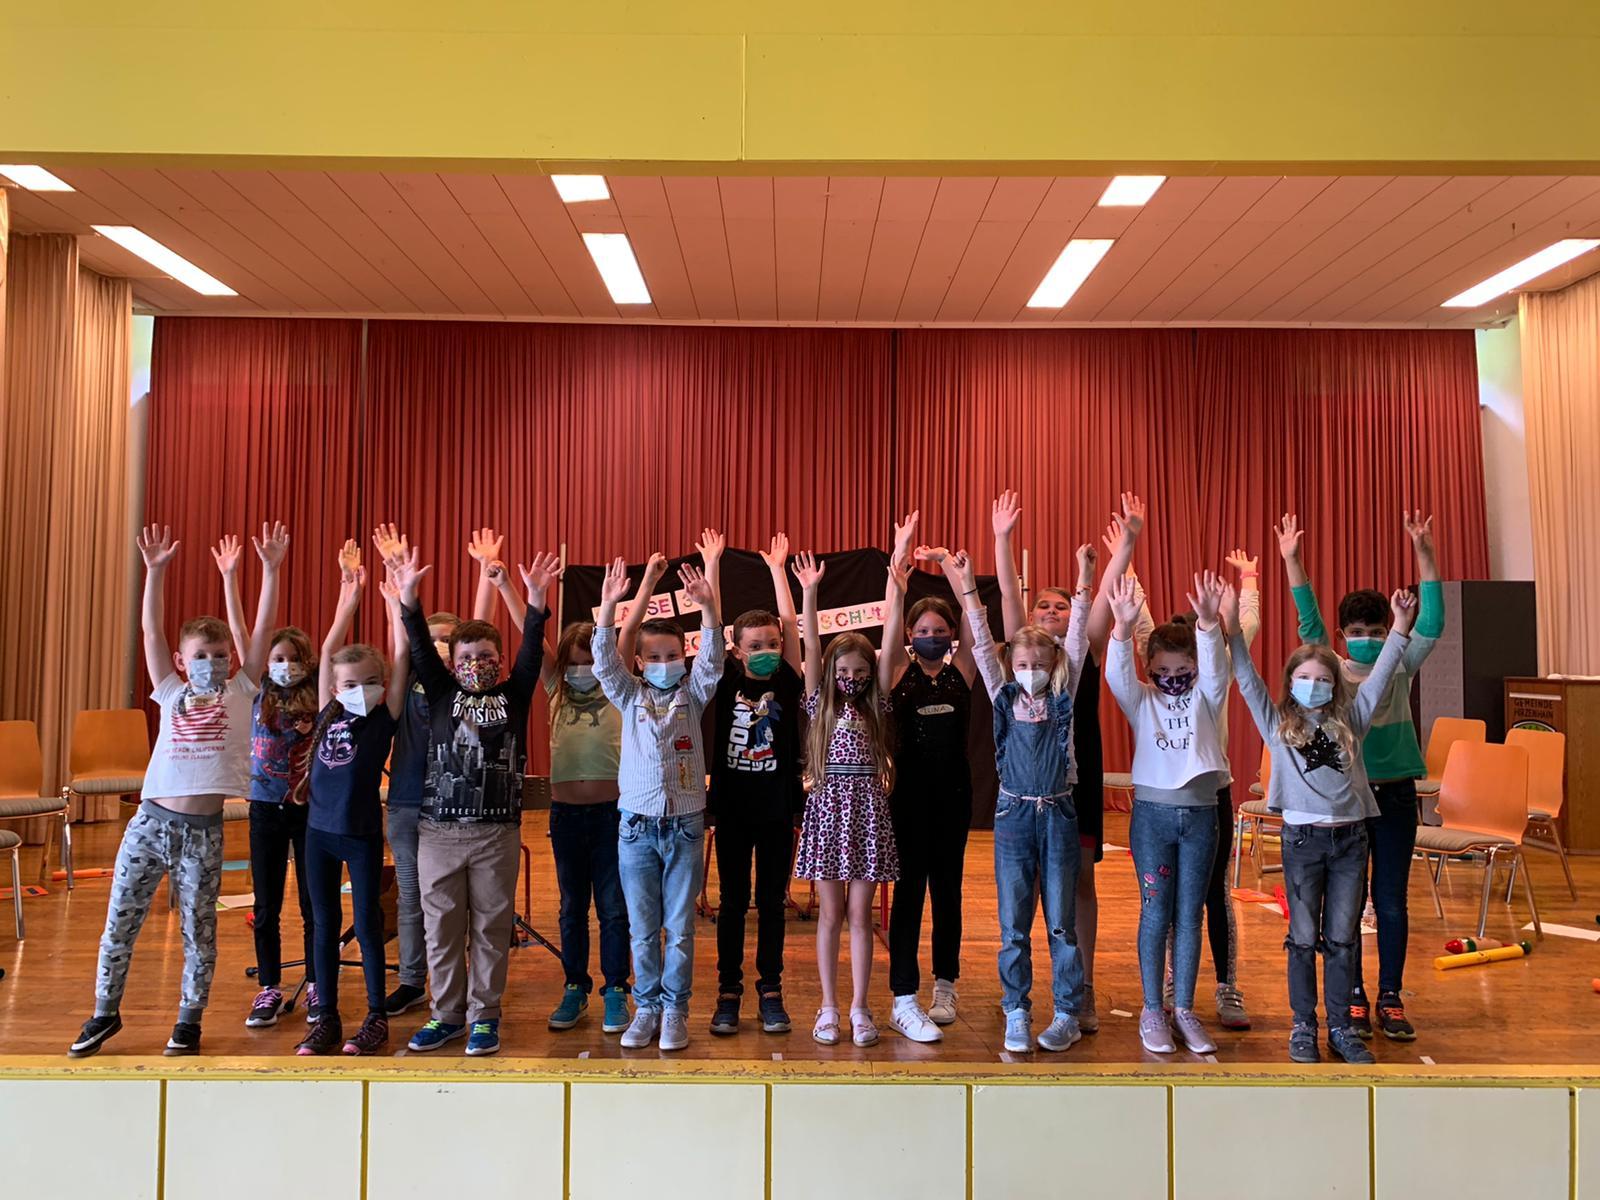 Schülerinnen und Schüler der Klasse 3a der Hugo-Buderus-Schule in Hirzenhain jubelnd auf der Bühne